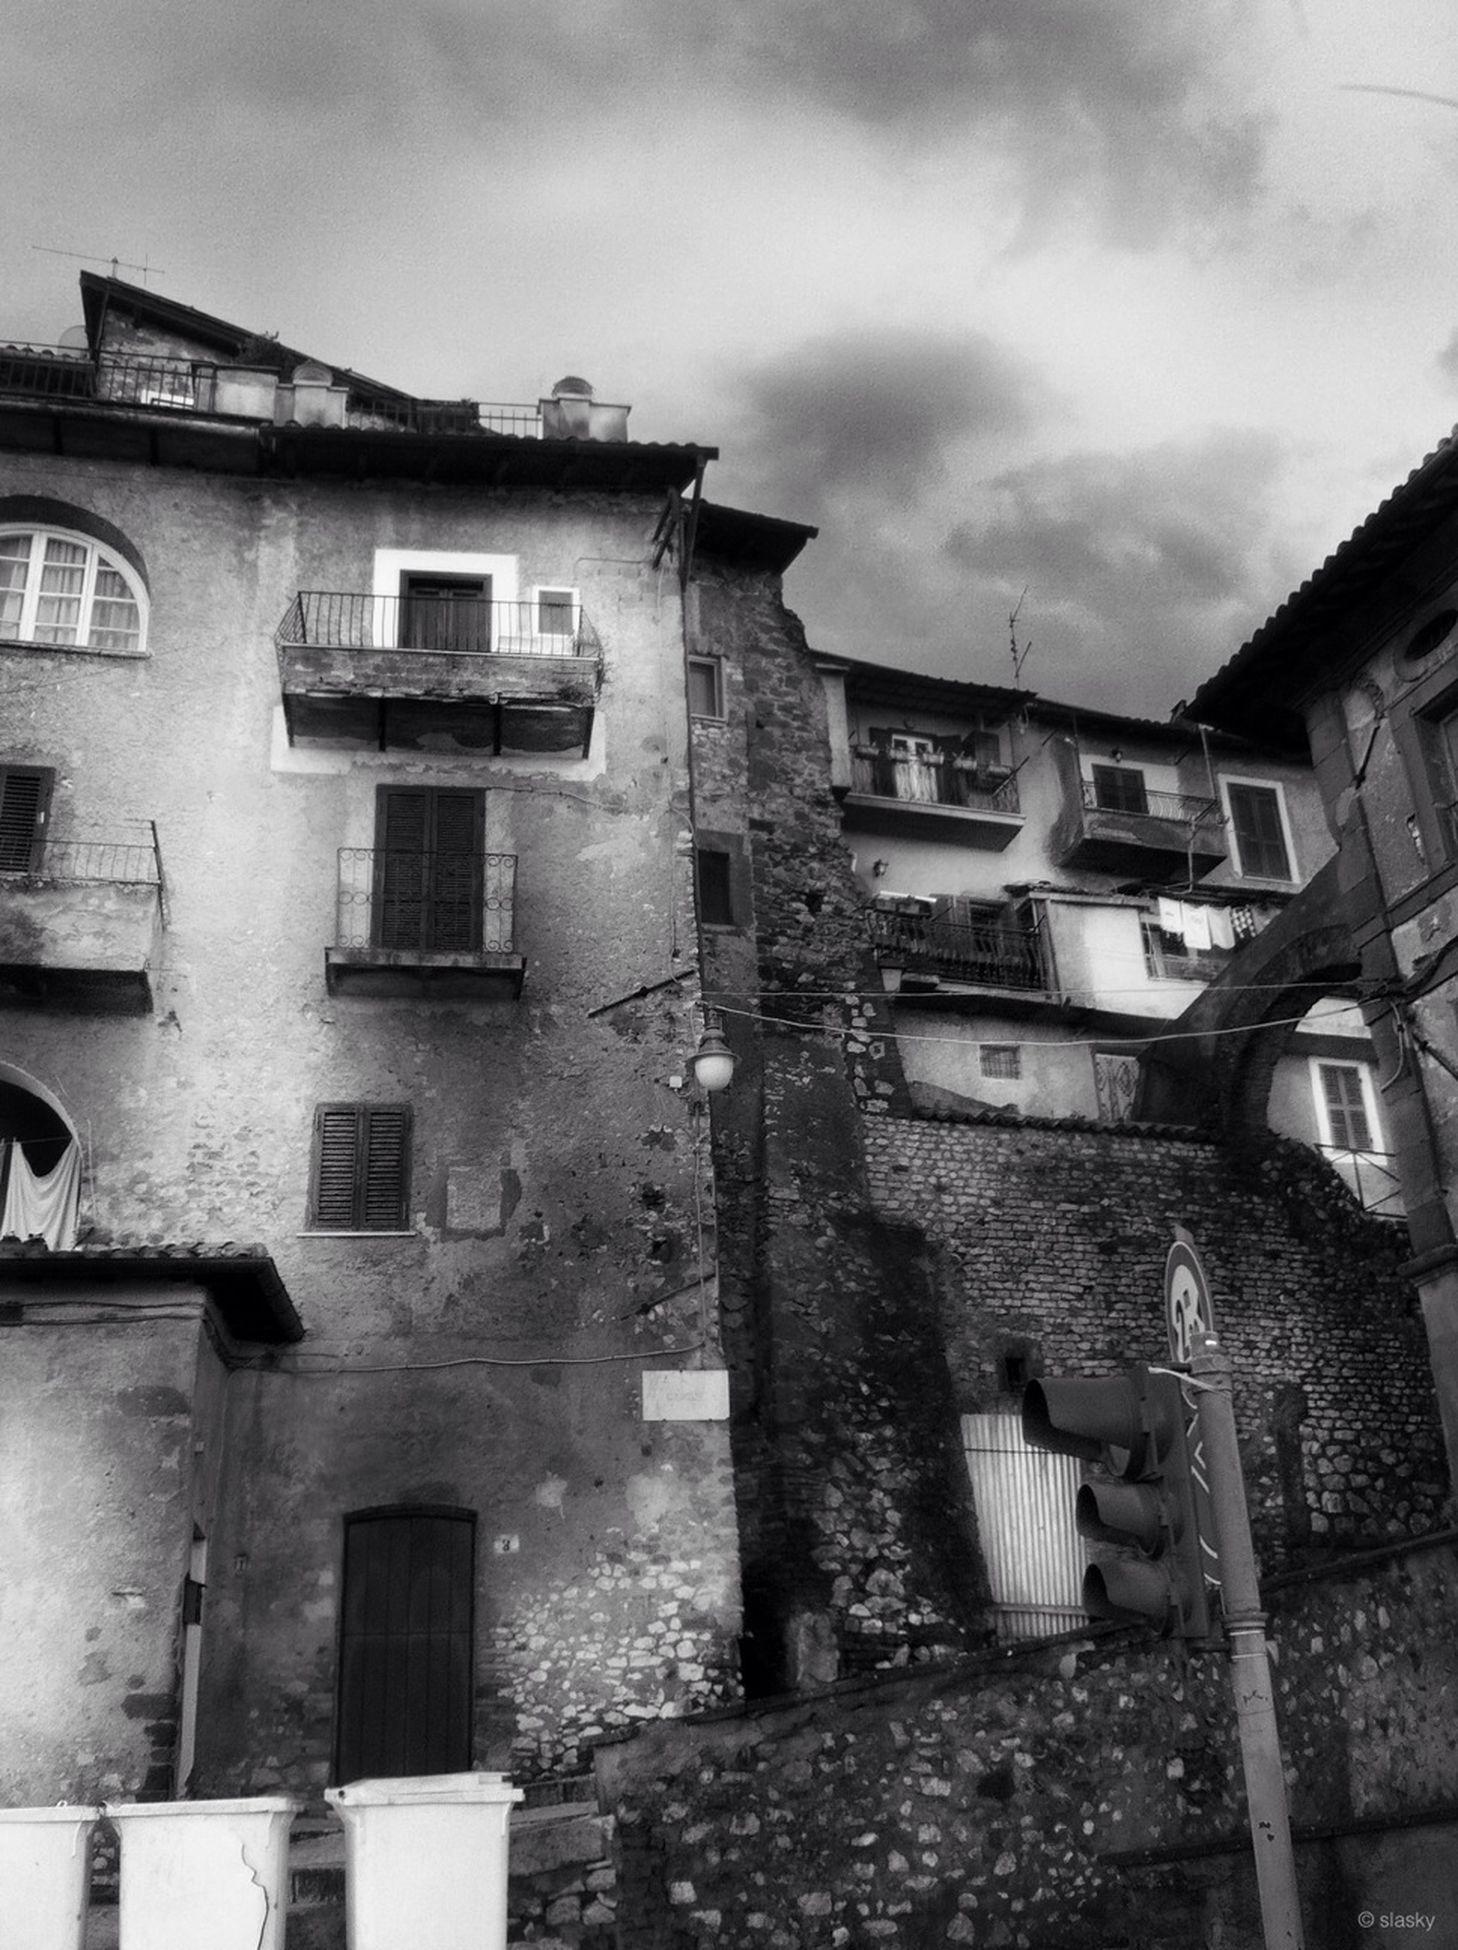 ruined, deterioration, abandoned, obsolete, destruction